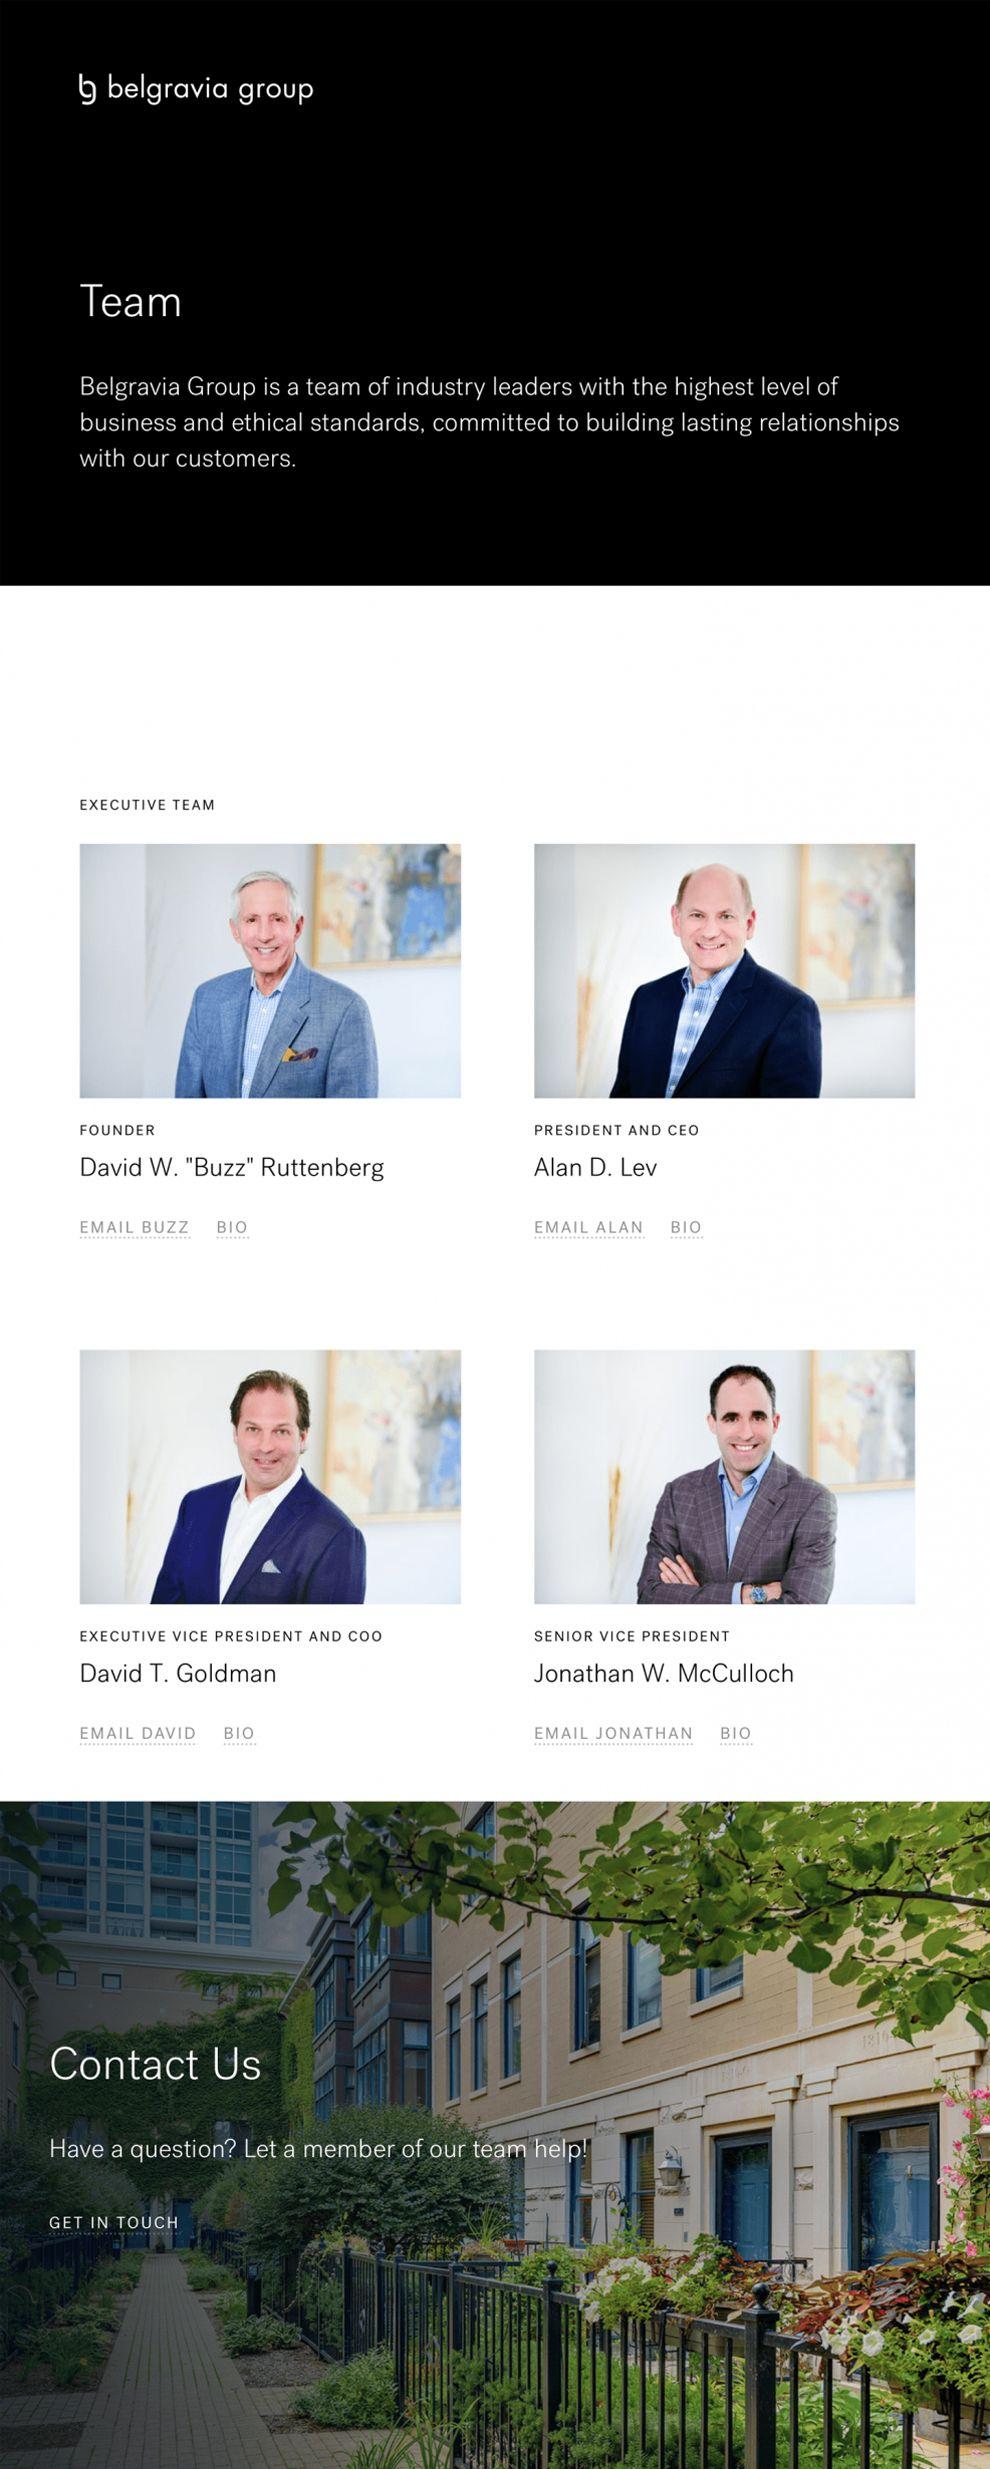 Belgravia Group Great Website Design